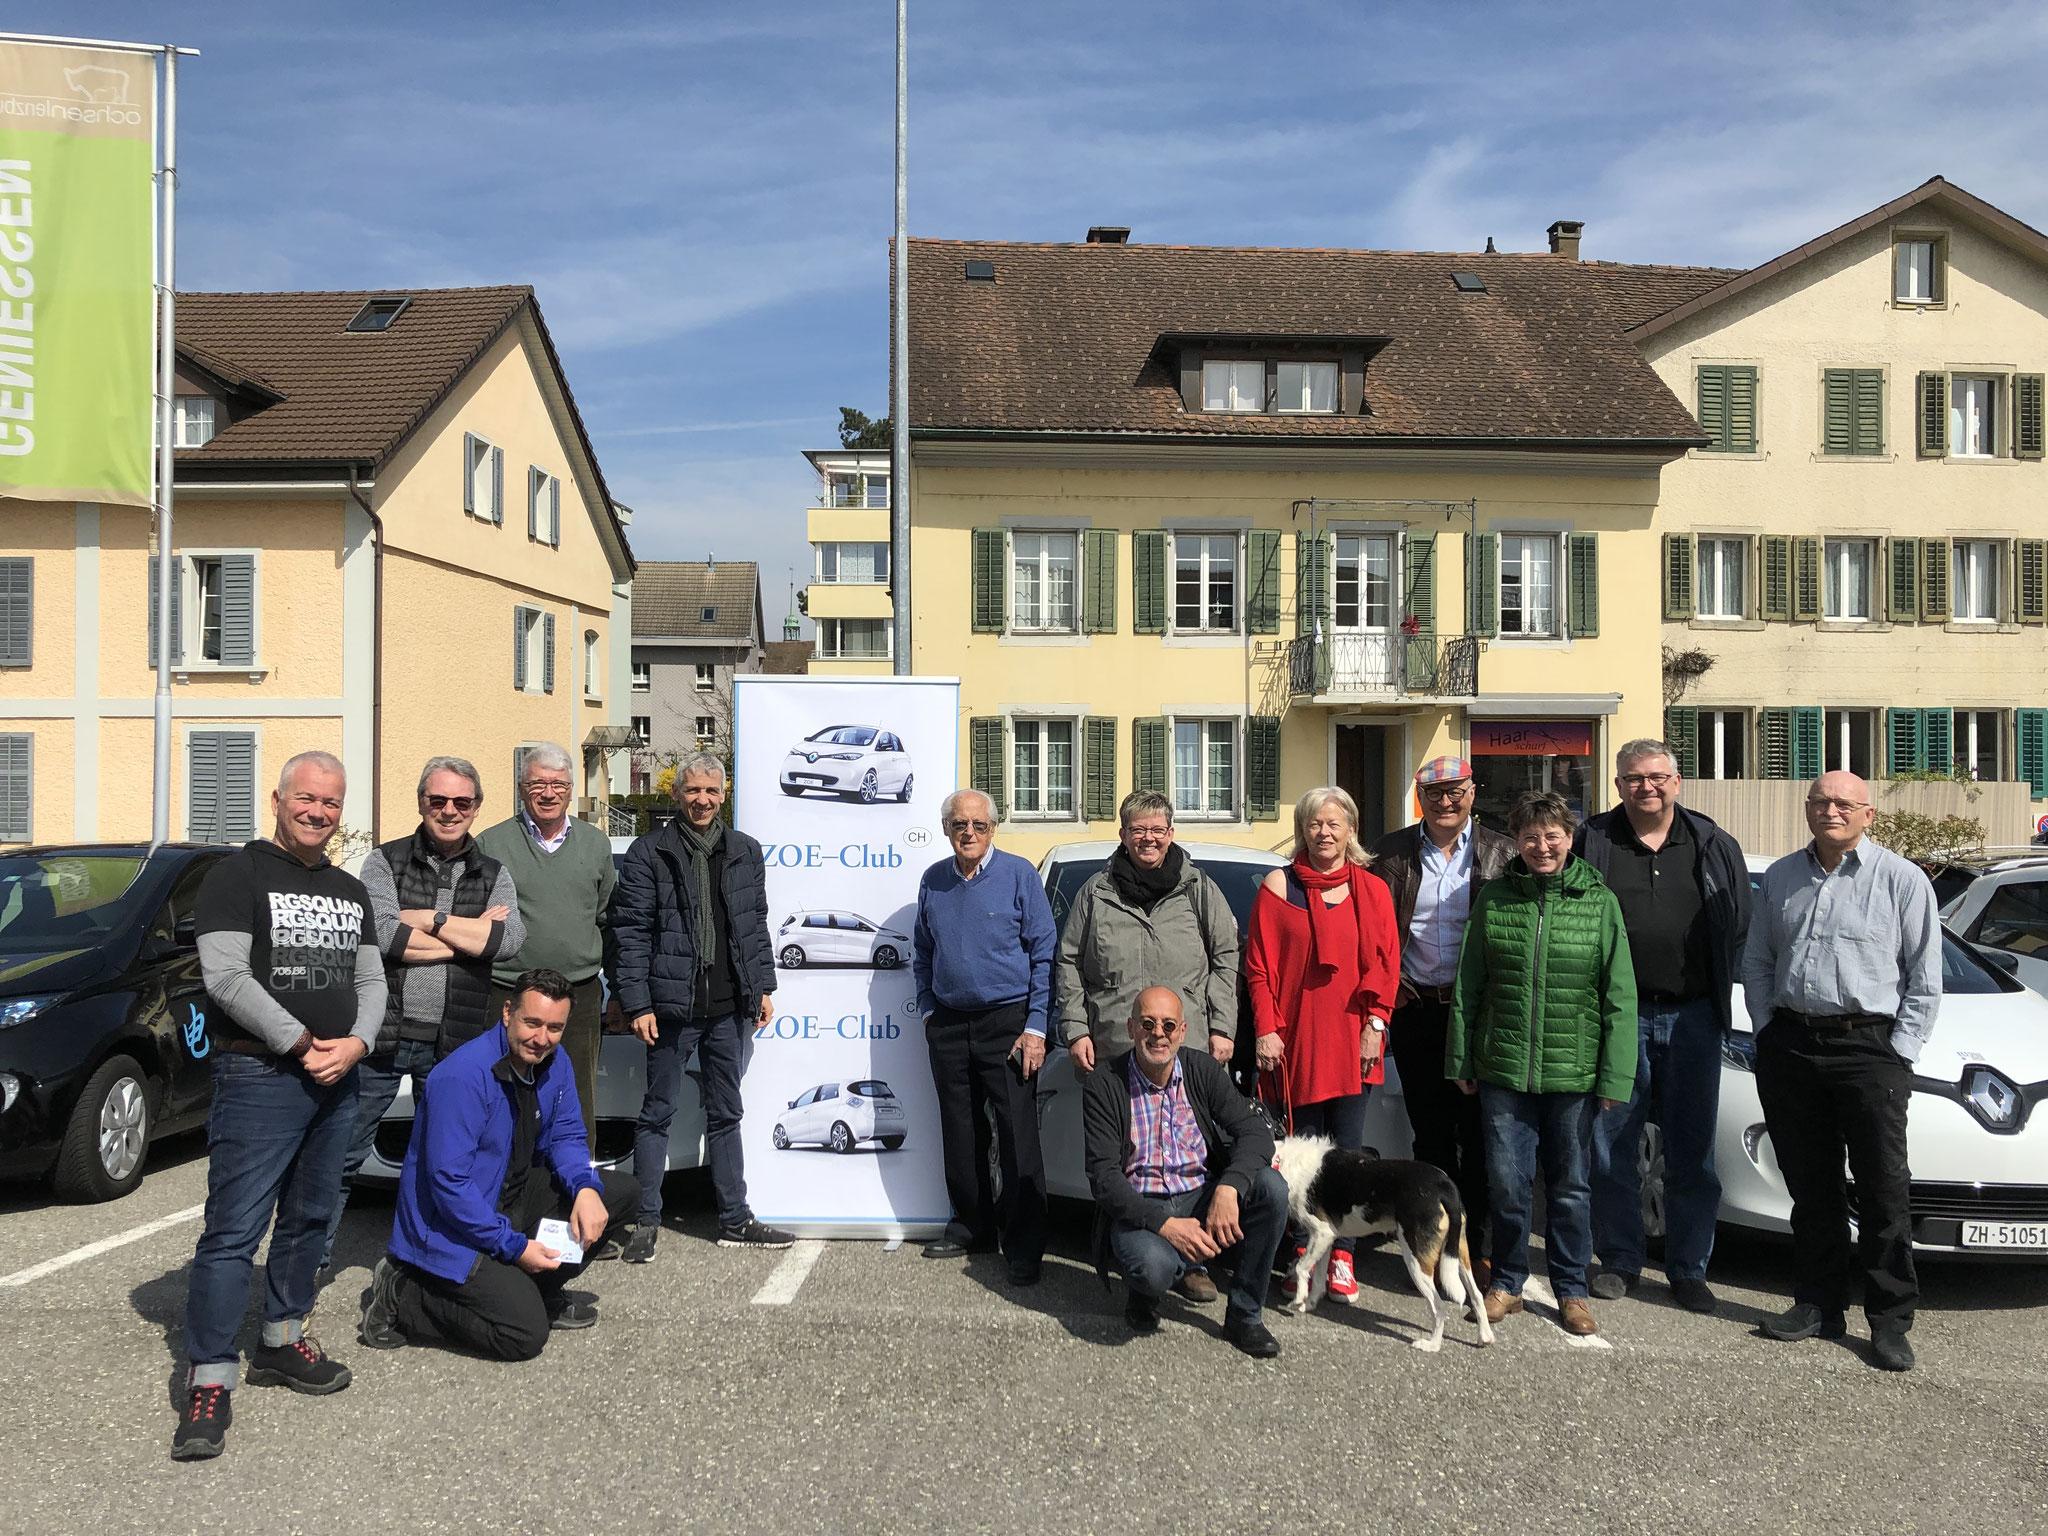 Generalversammlung vom 6. April 2019 in Lenzburg